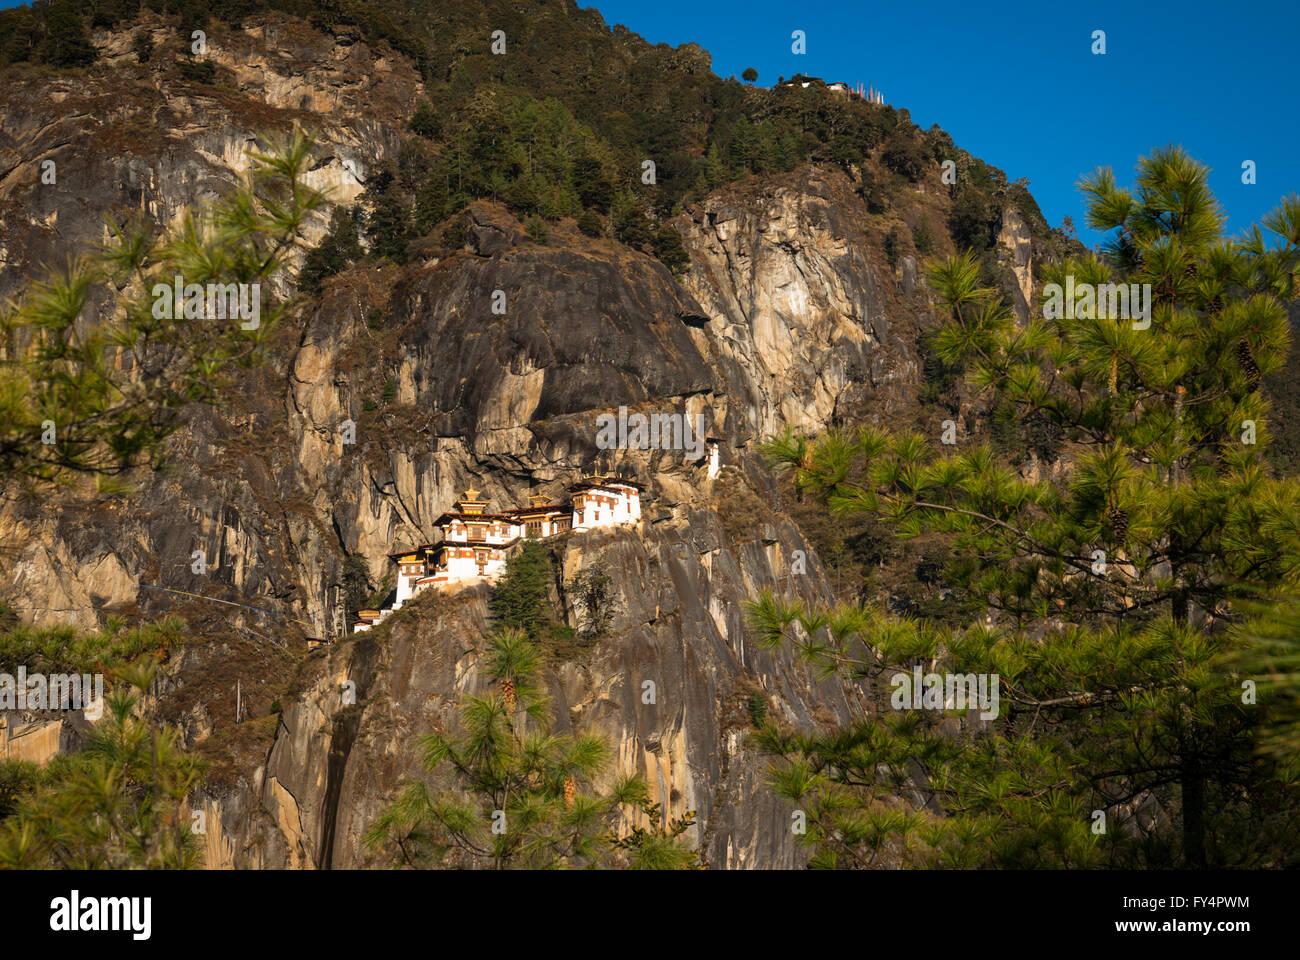 Vista a través de los pinos a Tiger's Nest (Monasterio de Taktshang), encaramada sobre un acantilado cerca de Paro, Bhután Foto de stock